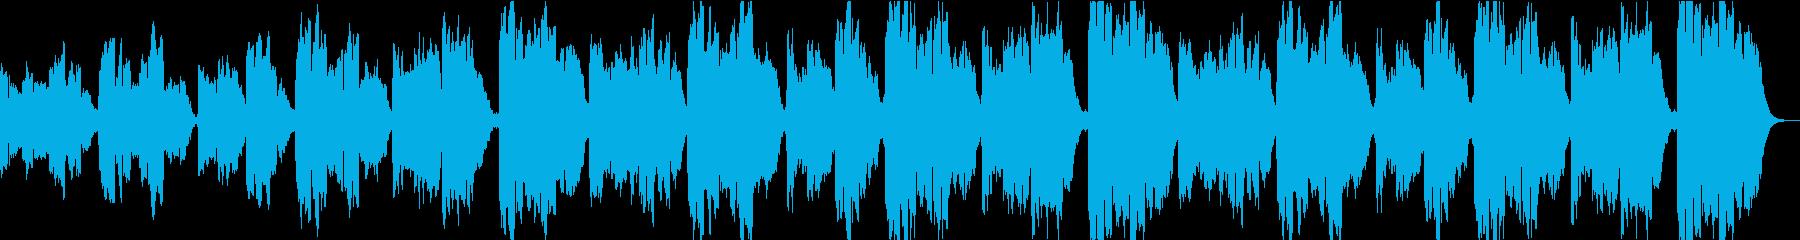 古典的な歌、ファーストノエルの美し...の再生済みの波形